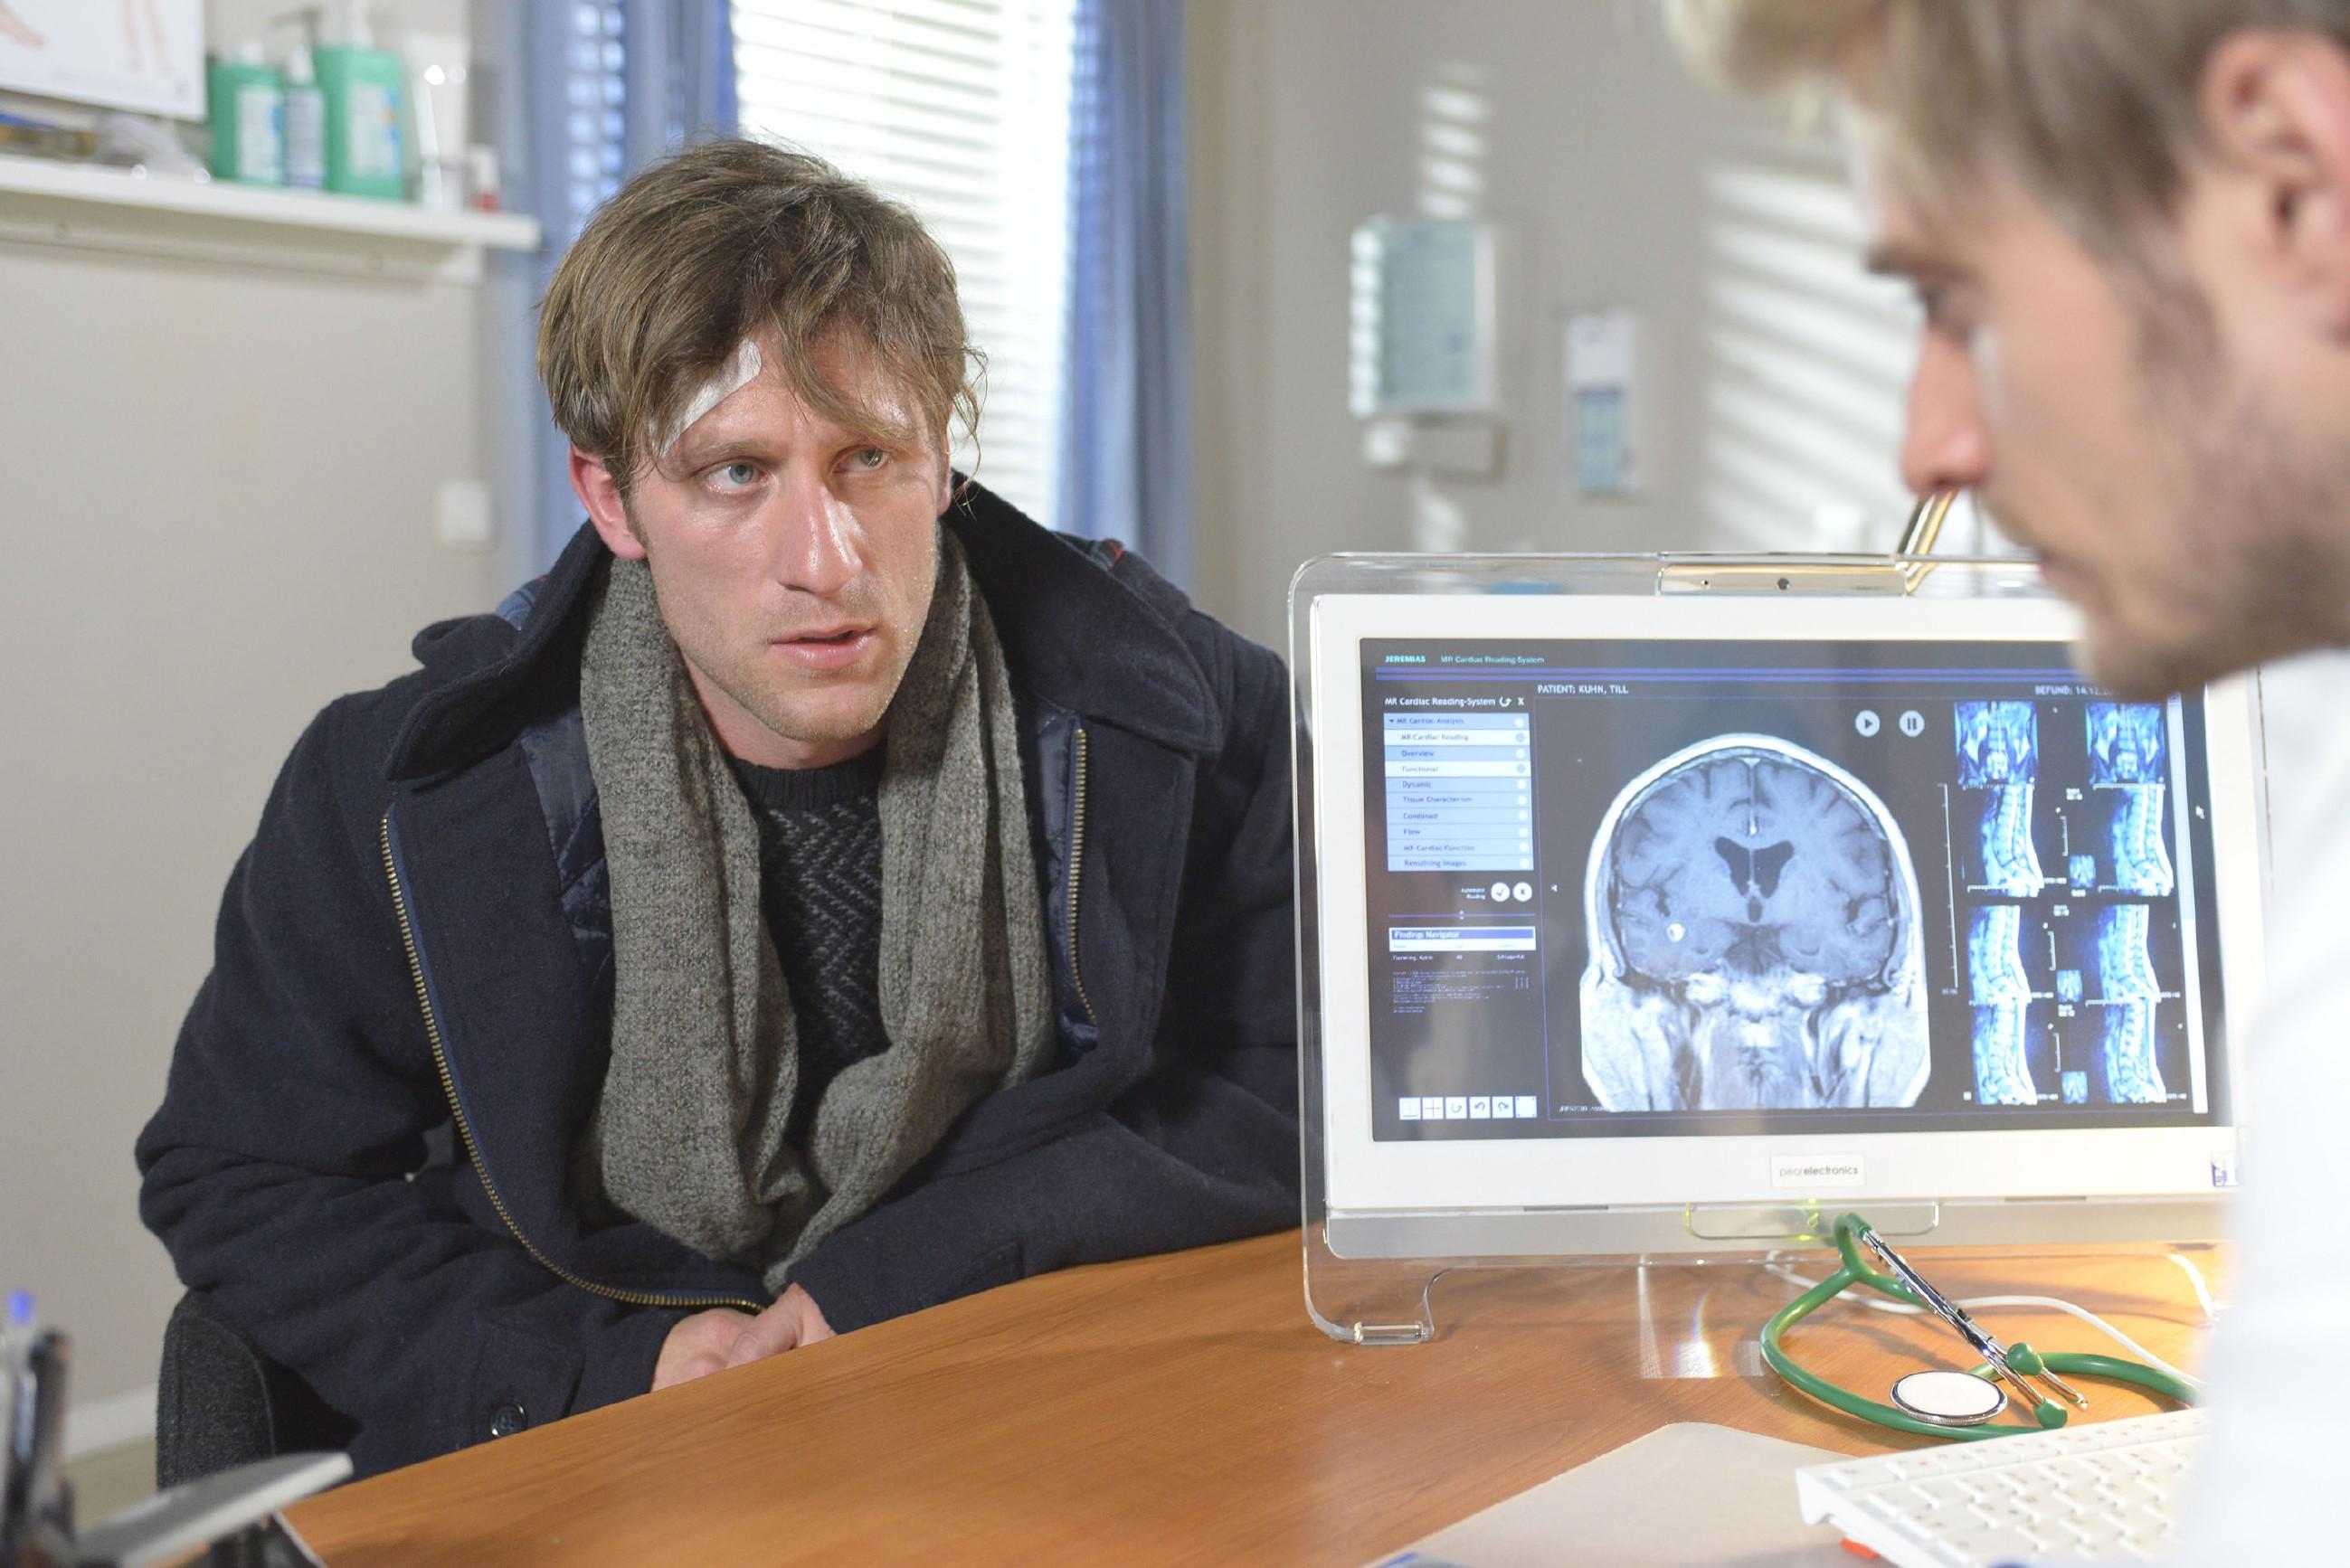 Till (Merlin Leonhardt, l.) bekommt von Philip (Jörn Schlönvoigt) eine niederschmetternde Diagnose...